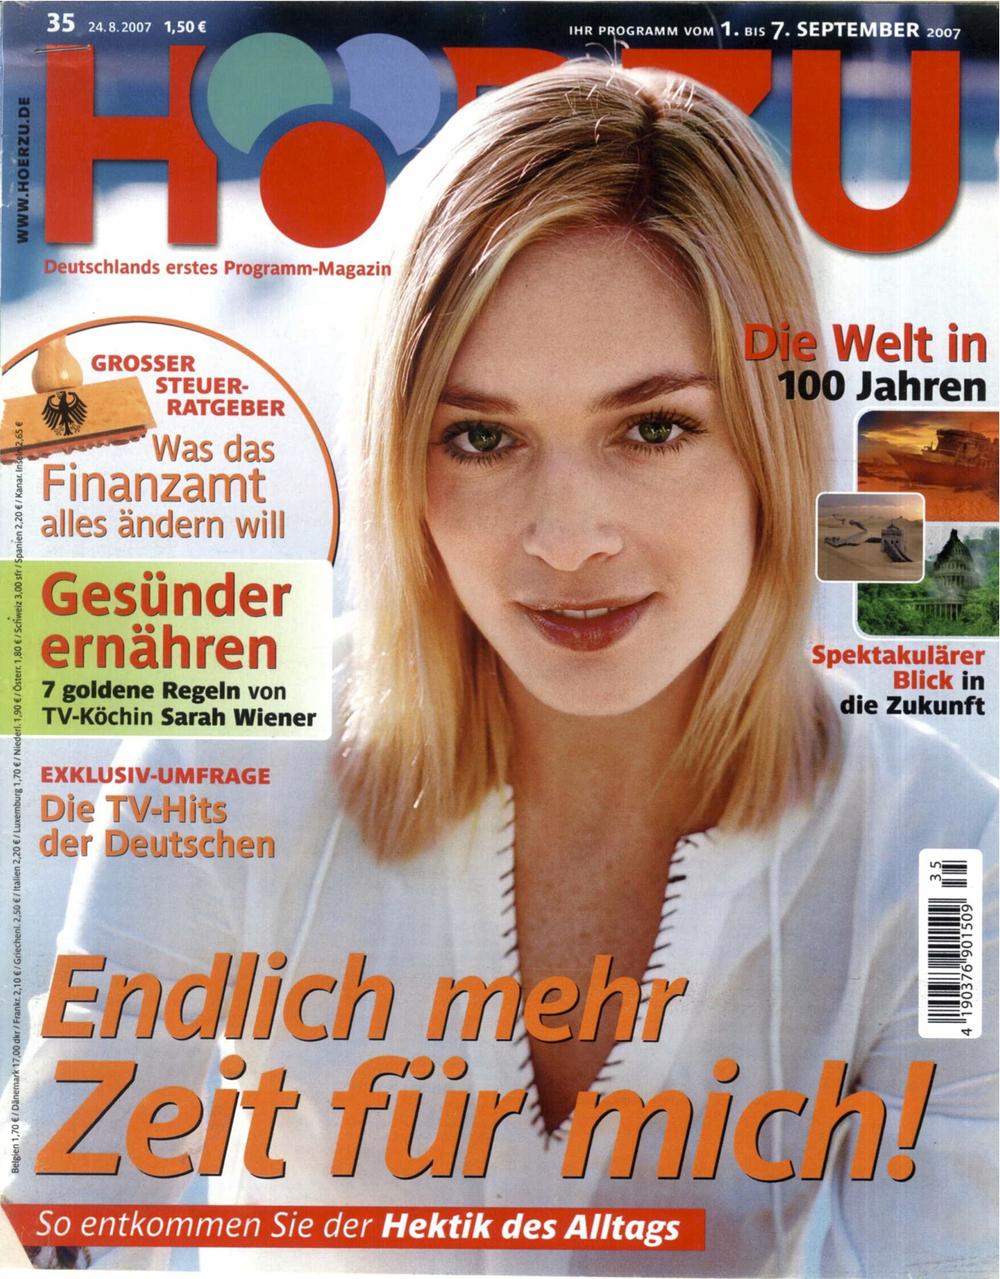 HZ_24.8.2007_Cover.jpg